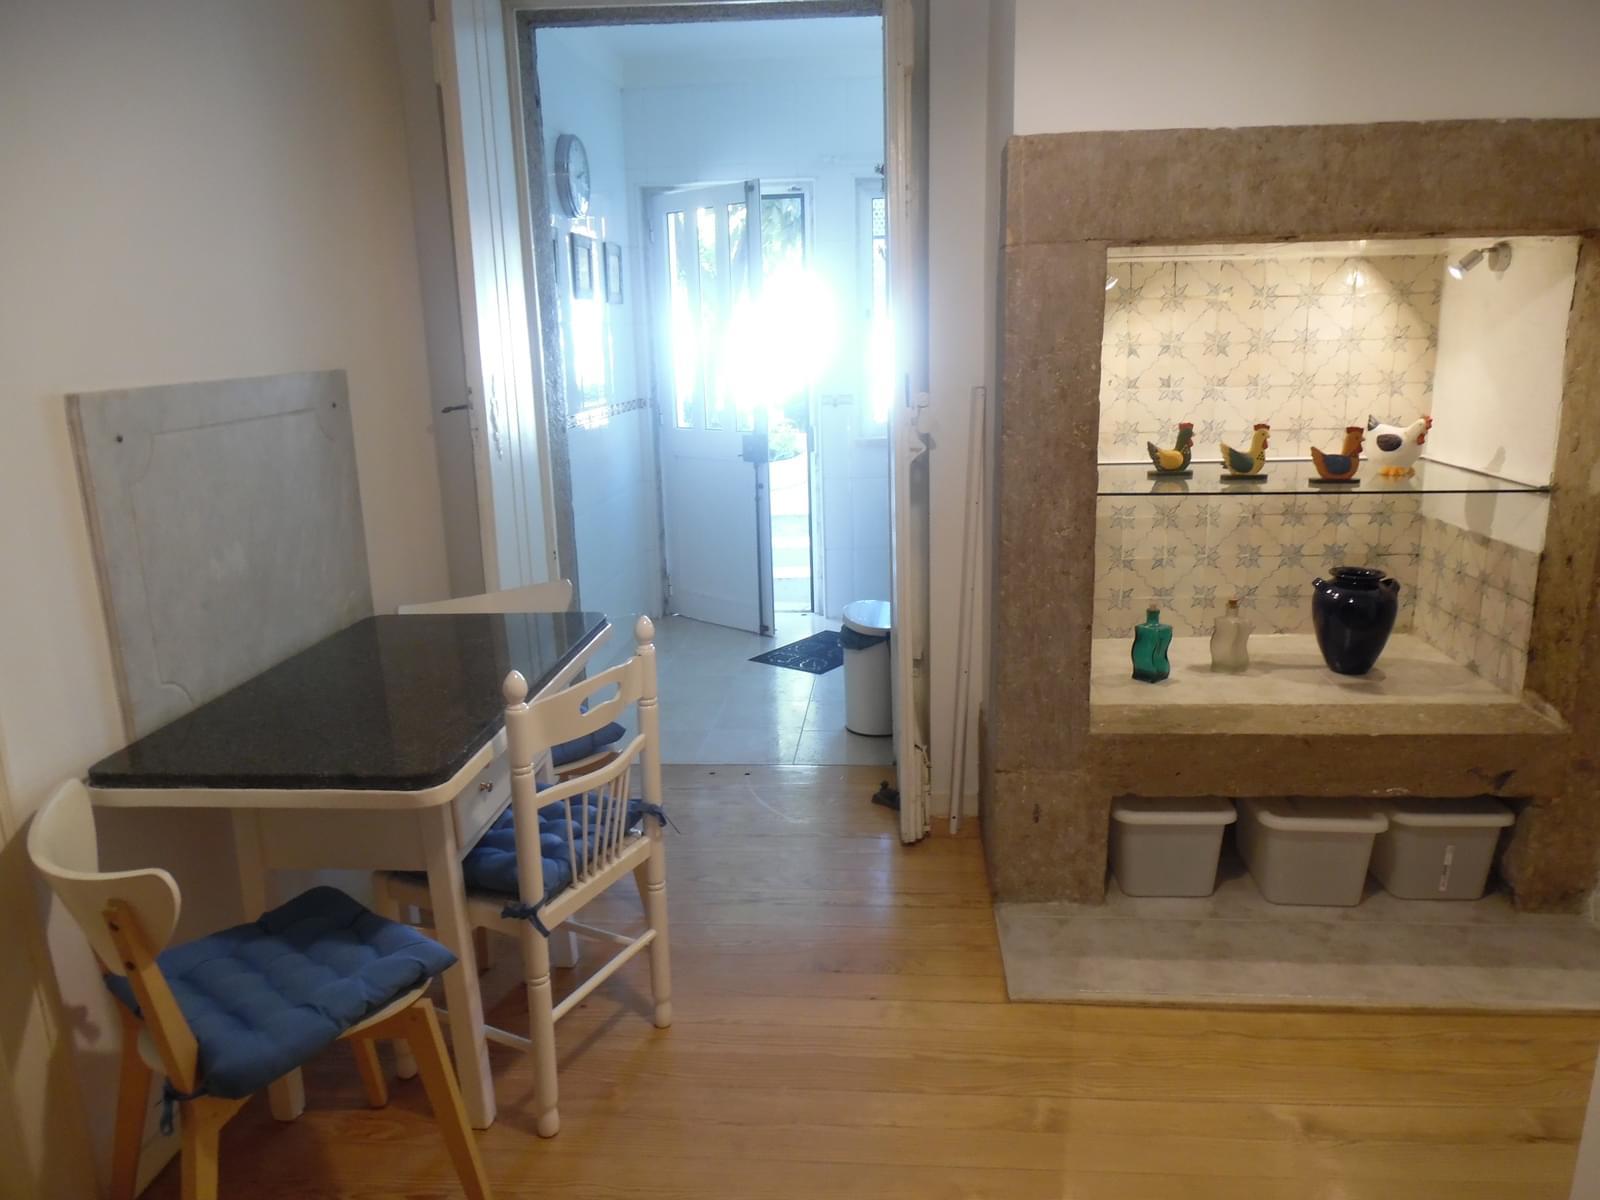 pf17147-apartamento-t2-lisboa-d64d8c89-953d-412b-bca7-48976528e2e4